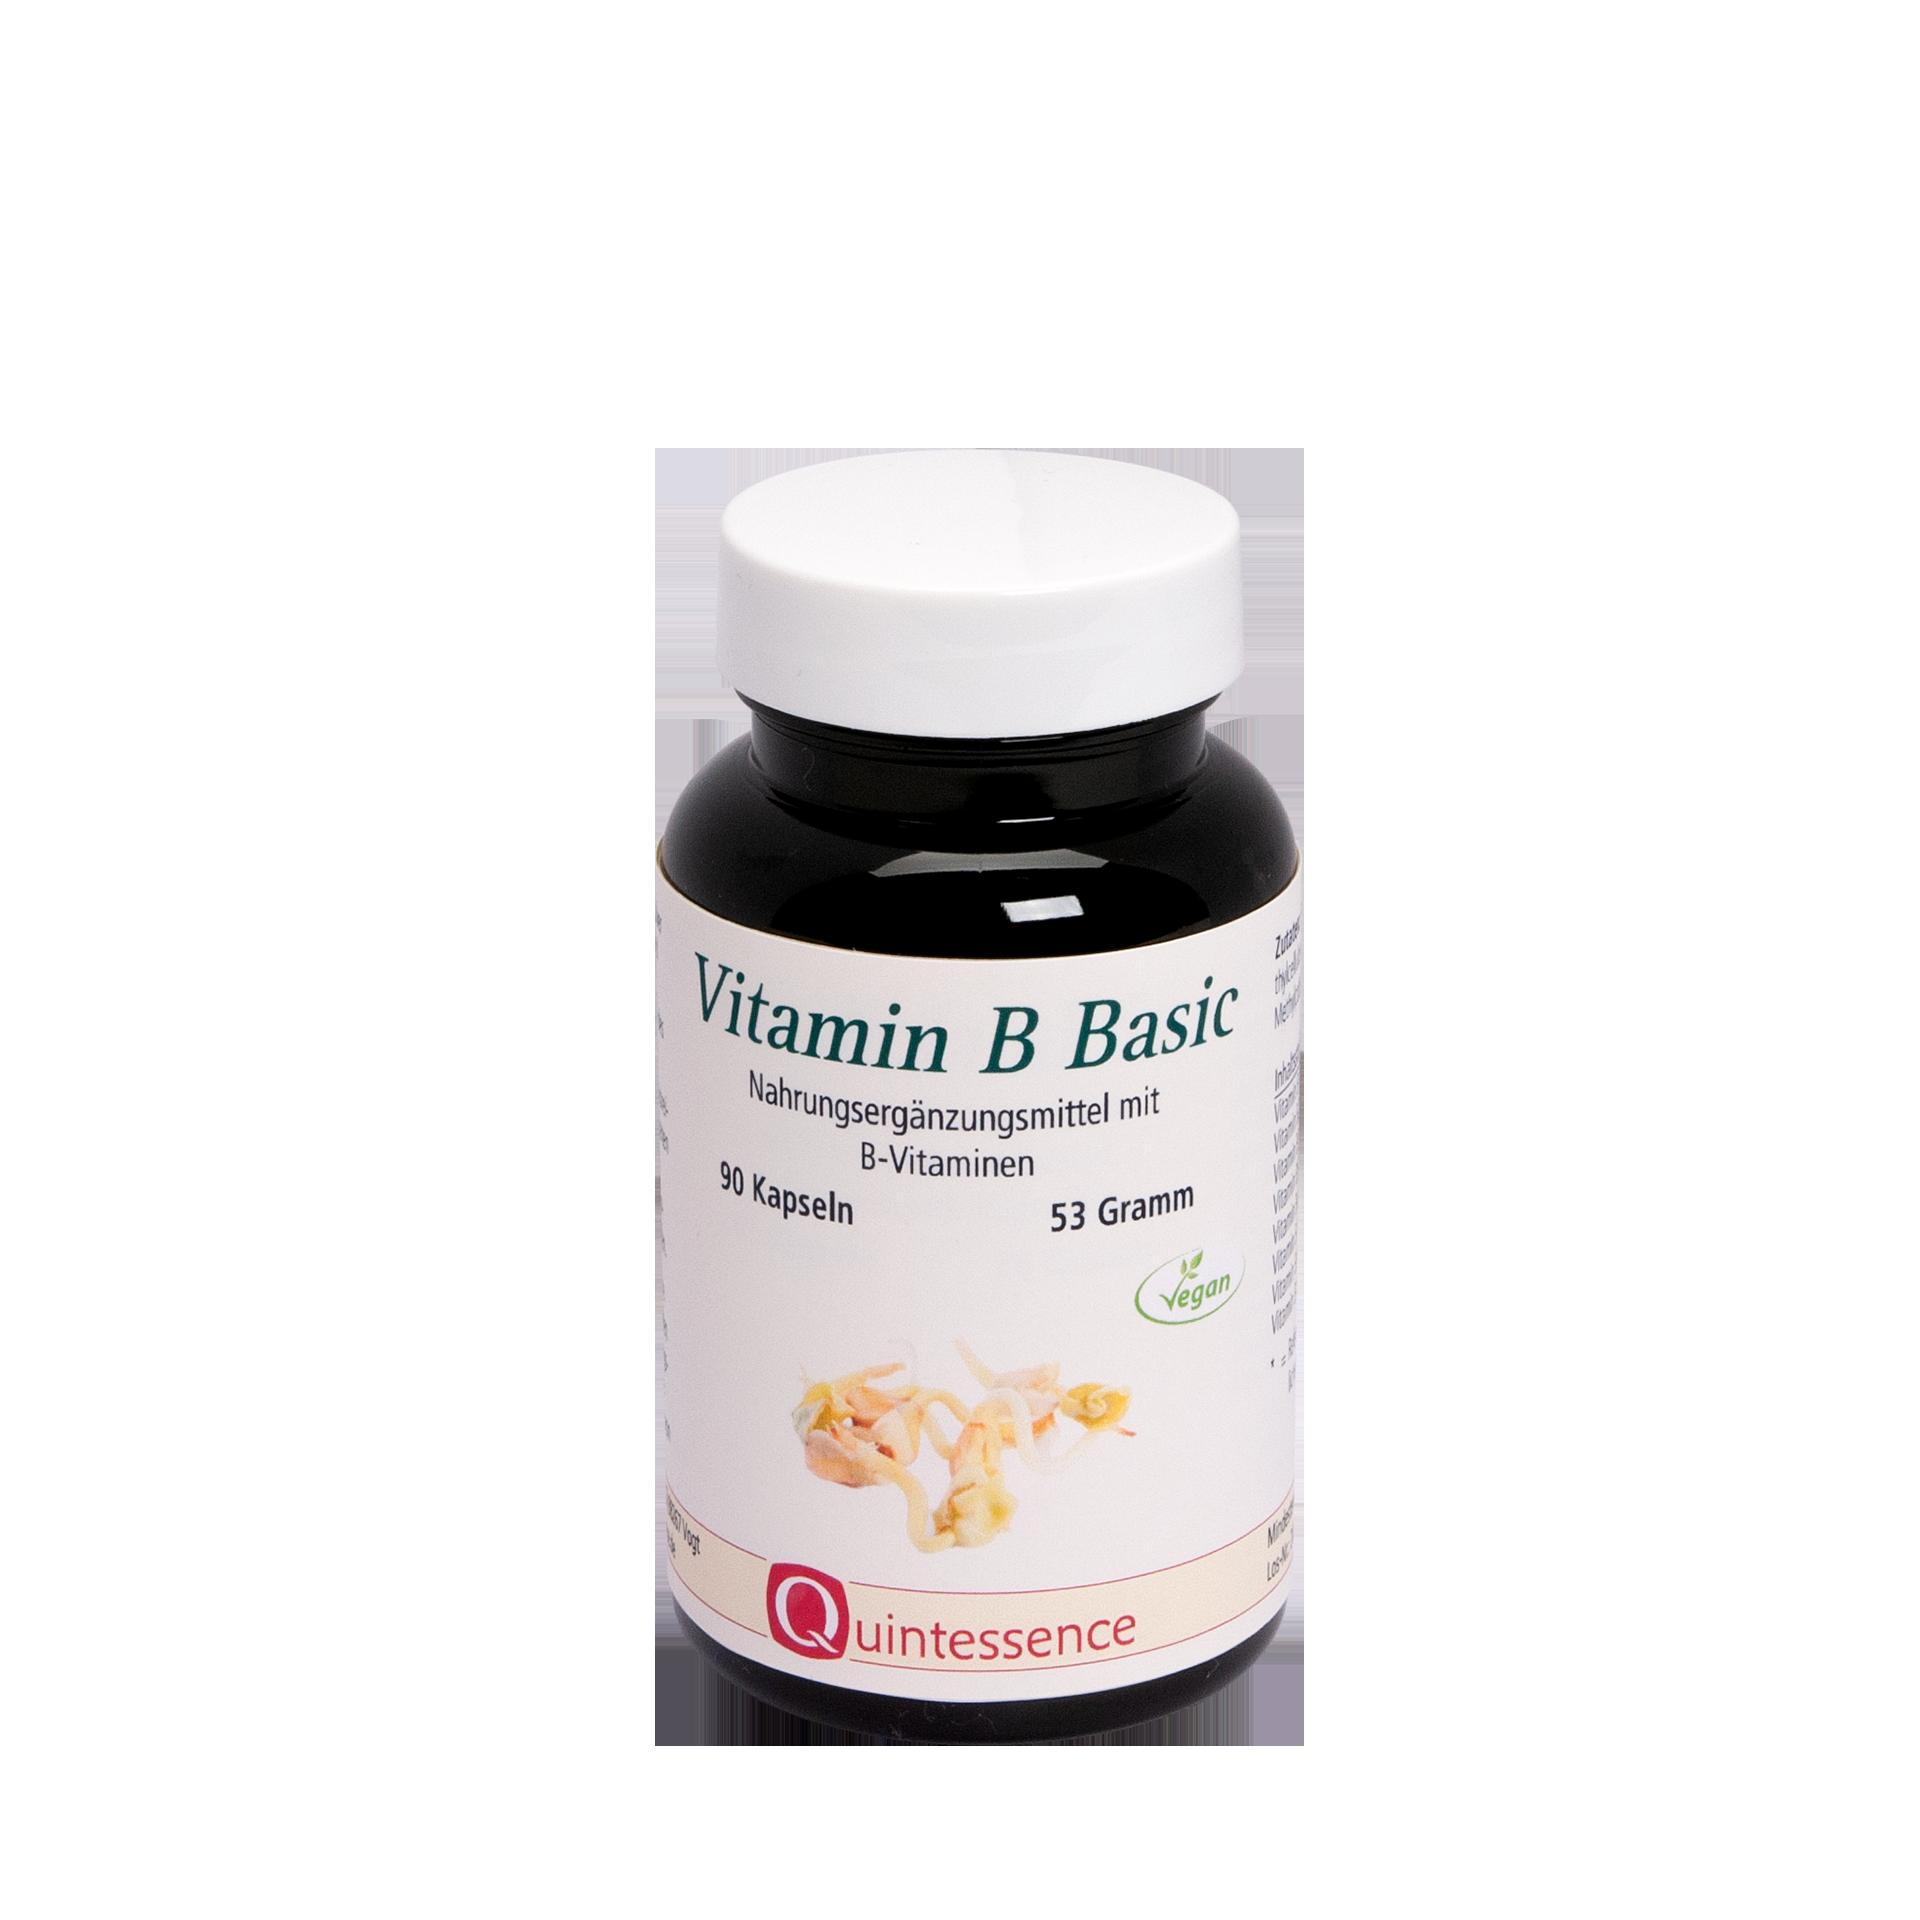 Vitamin B Basic, 90 Kapseln